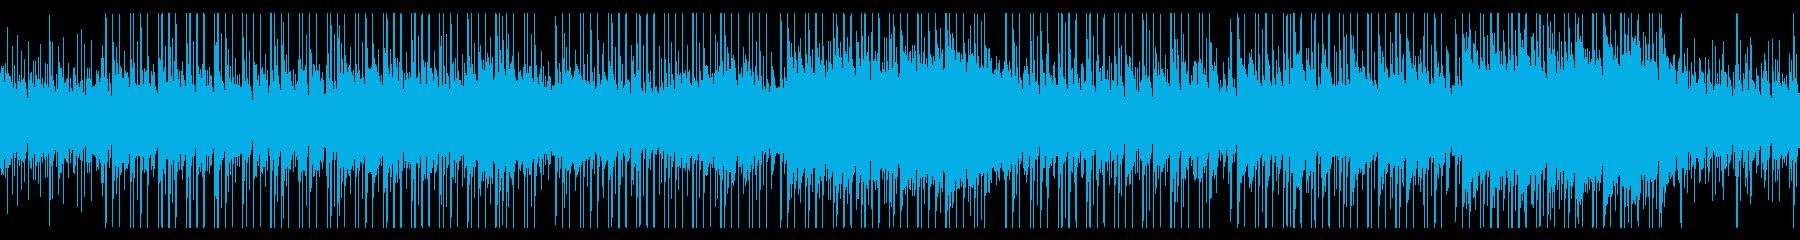 【ループ版】企業VP・CMハーモニクスの再生済みの波形